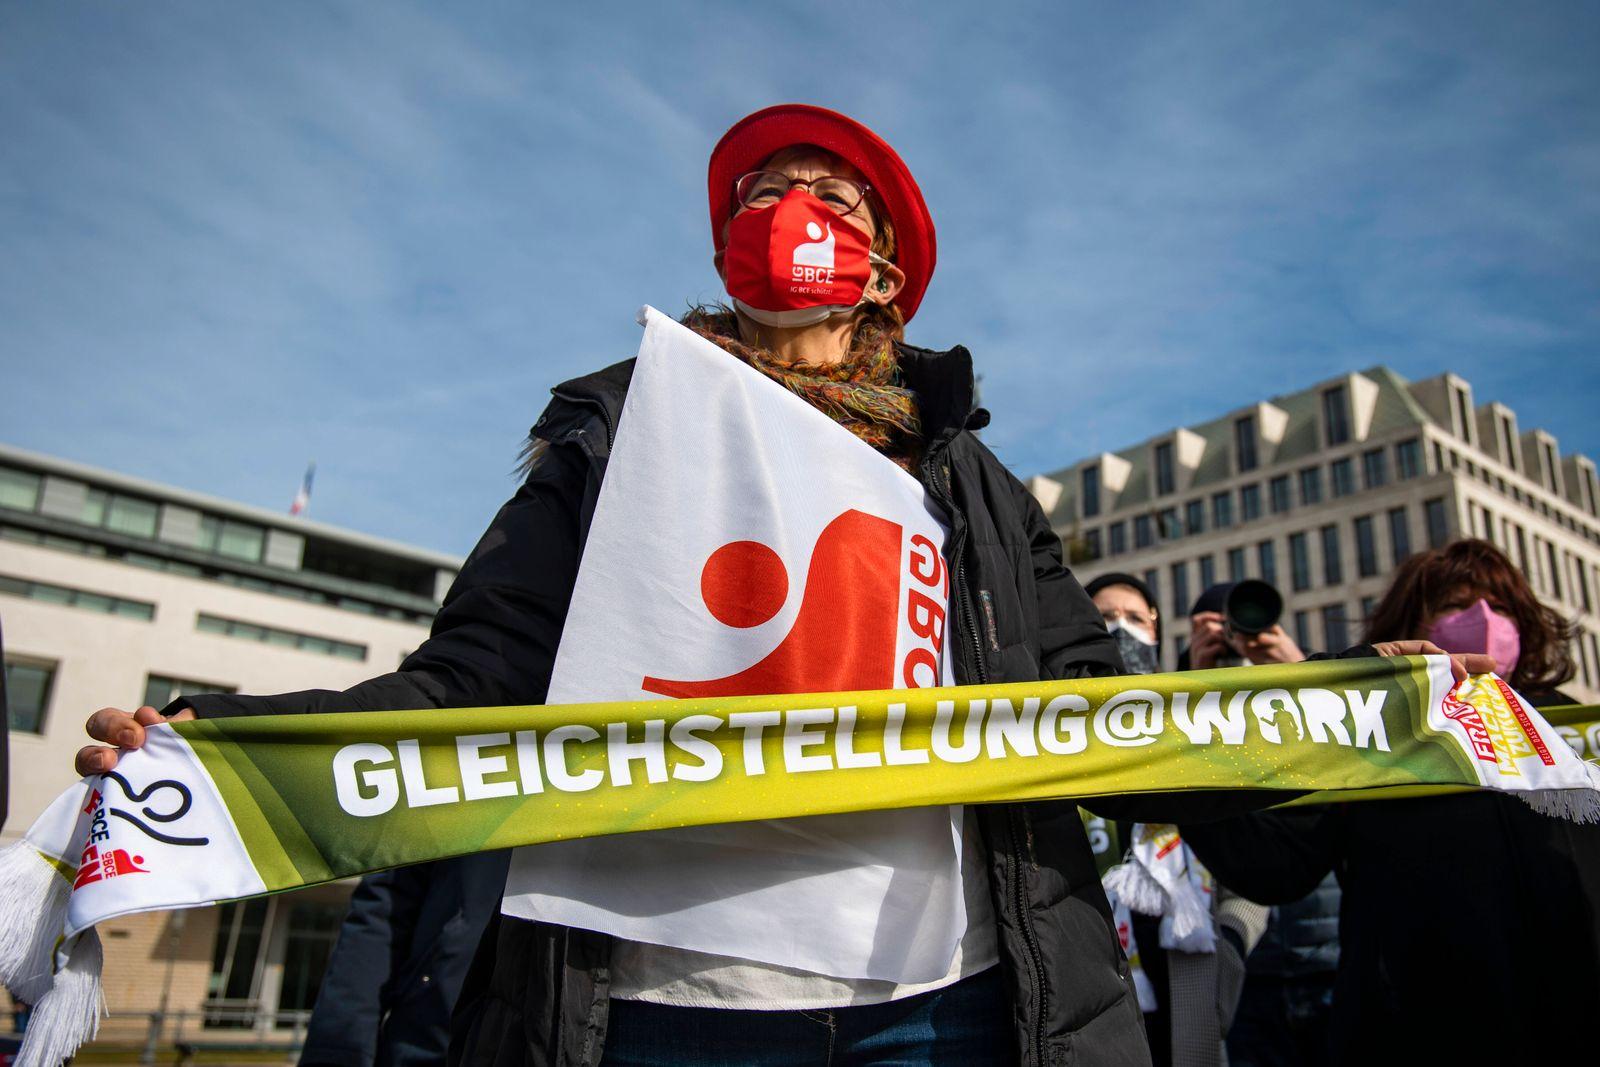 Aktion fuer den Equal Pay Day organisiert von der DGB vor dem Brandenburger Tor in Berlin. Im Bild: Teilnehmer an der Ak